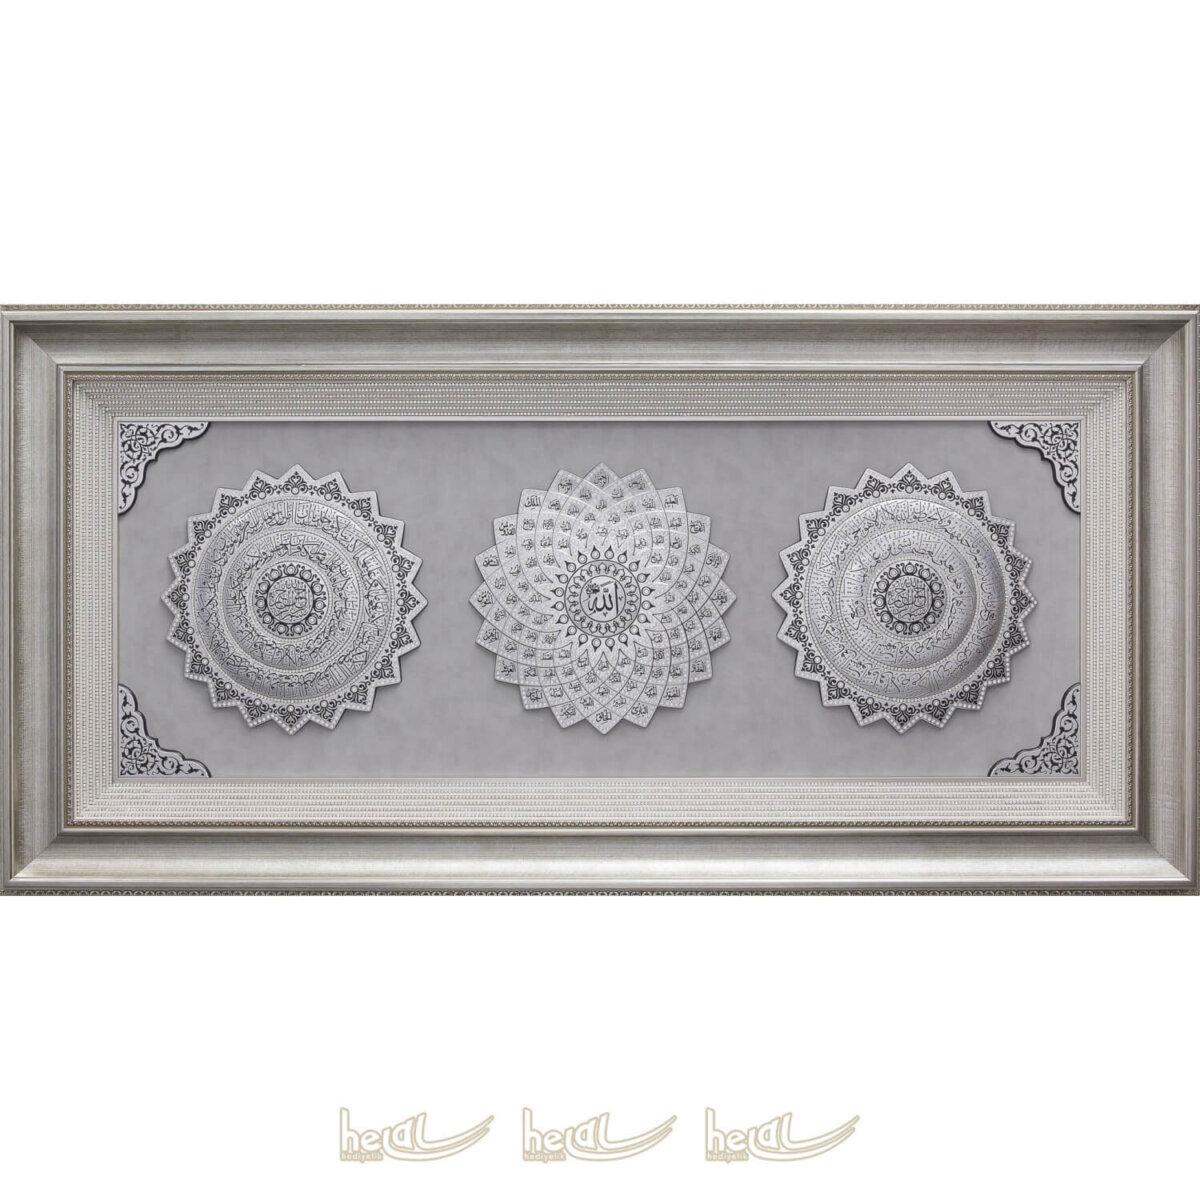 72x148cm Amener Resulu- Esmaül Hüsna- Ayetel Kürsi Papatya Modeli Paspartusu Taşlı 3′ lü Ayet Çerçeve Tablo Ayetli Tablolar